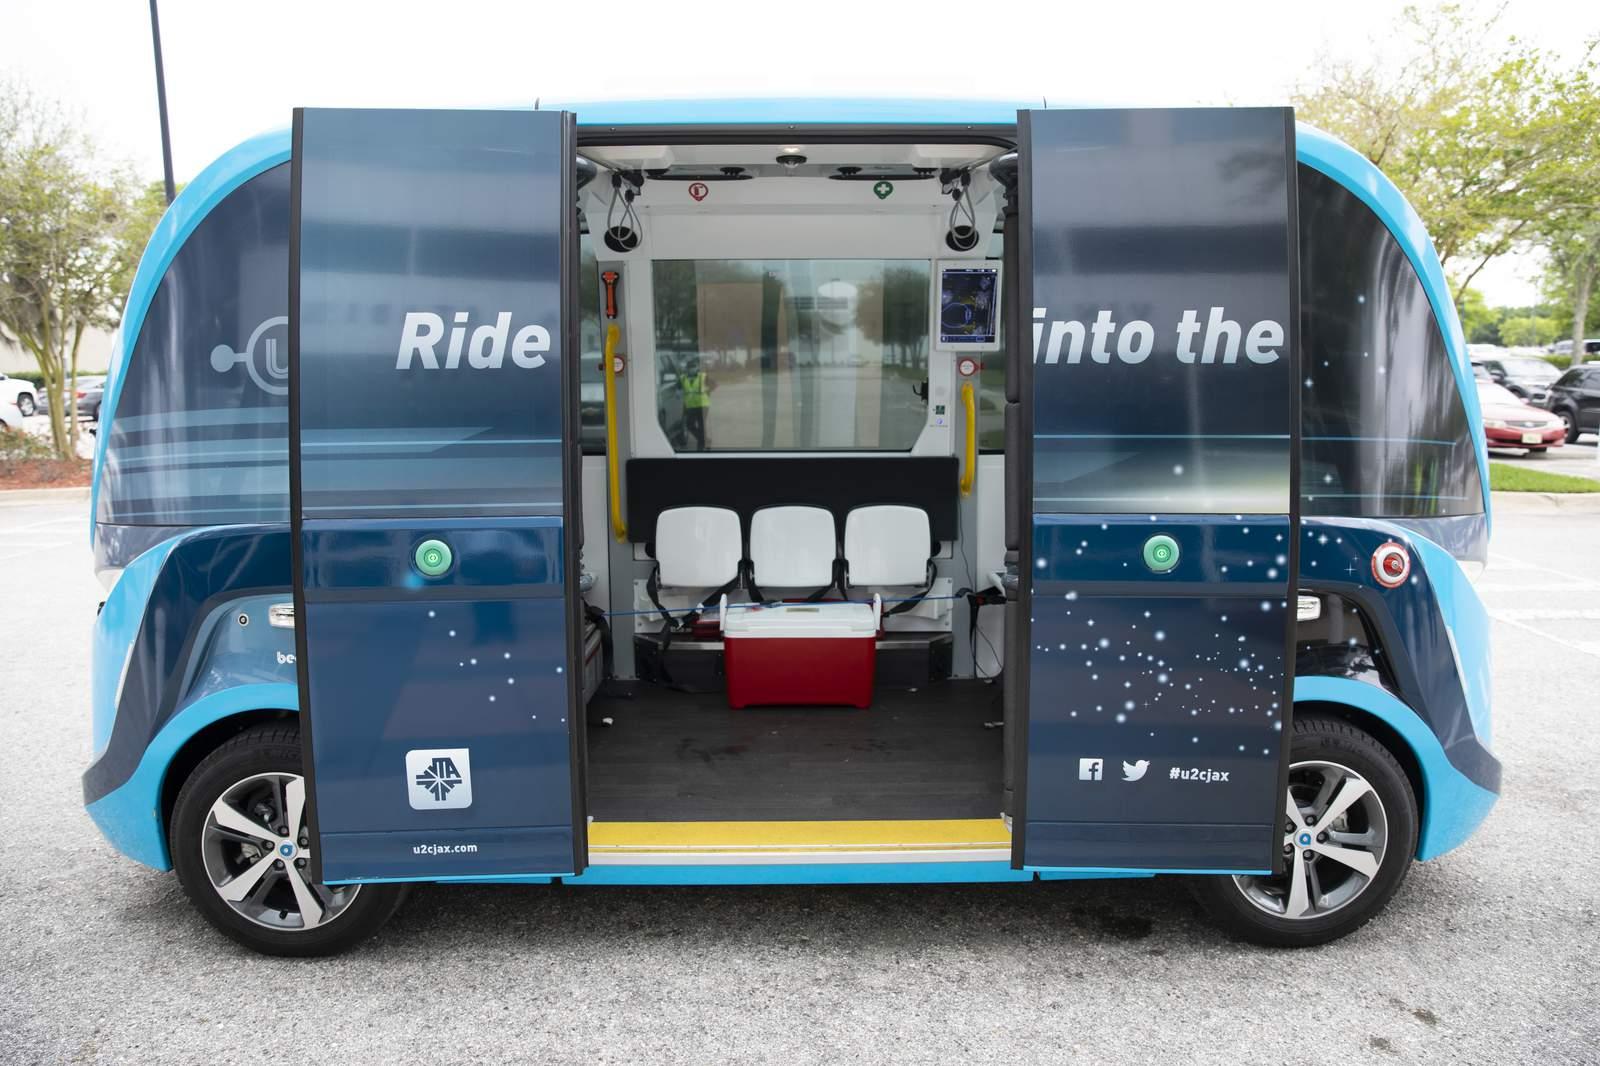 Veículos autônomos estão sendo utilizados para transportar testes de covid-19 na Flórida. (Fonte: Mayo Clinic/Reprodução)